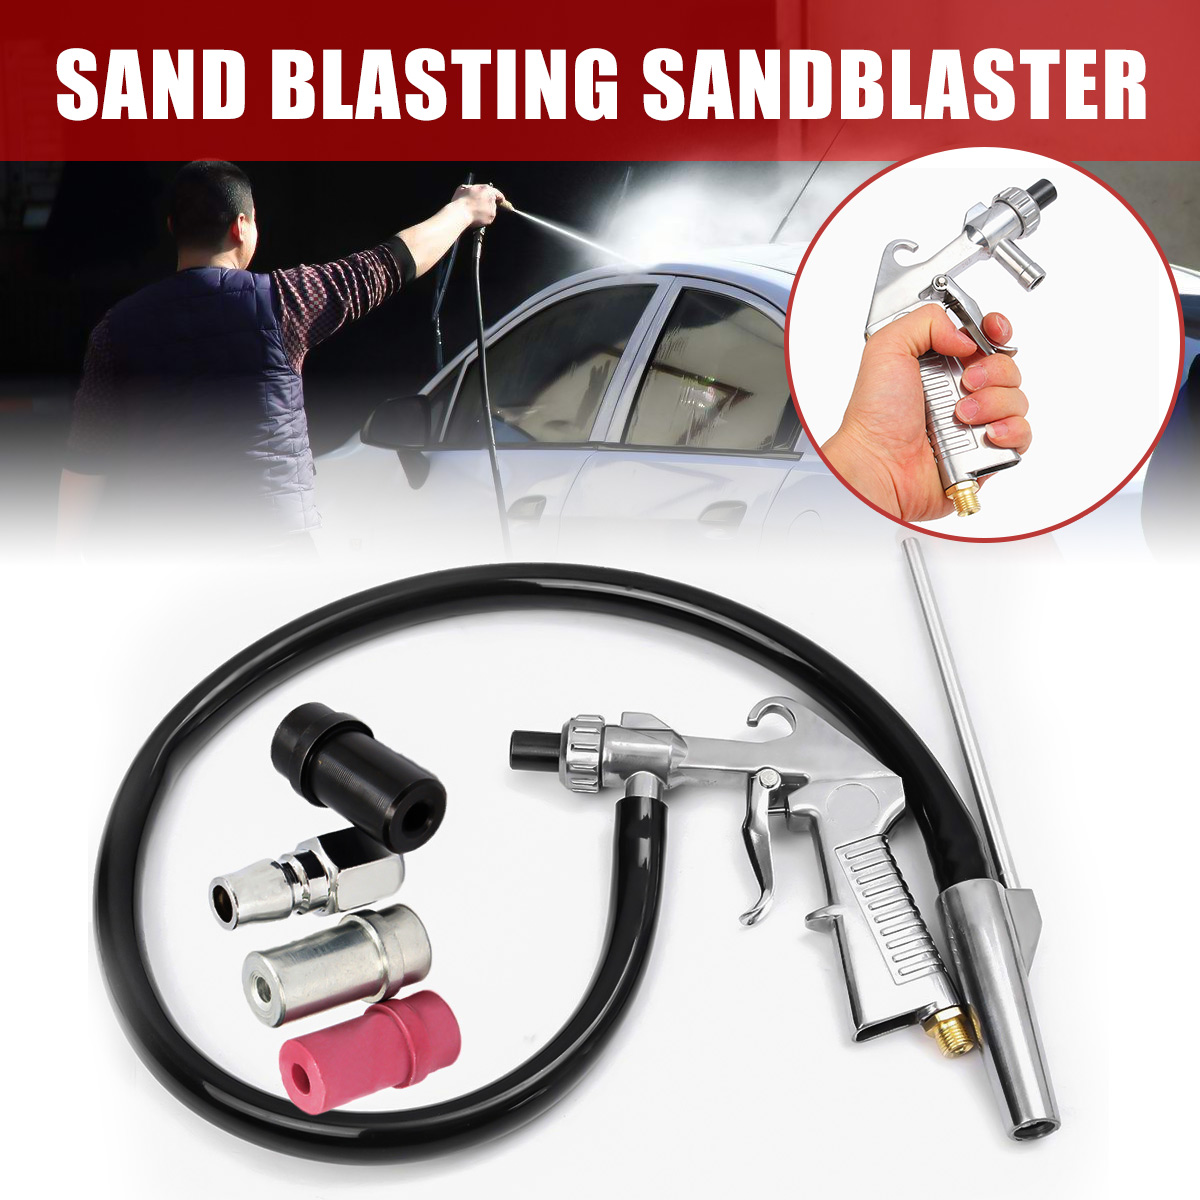 7 stücke Air Sandstrahler Sandstrahlen Explosion Pistole + Düsen + Stecker + Rohr Entrosten Werkzeug Kit Power Tools